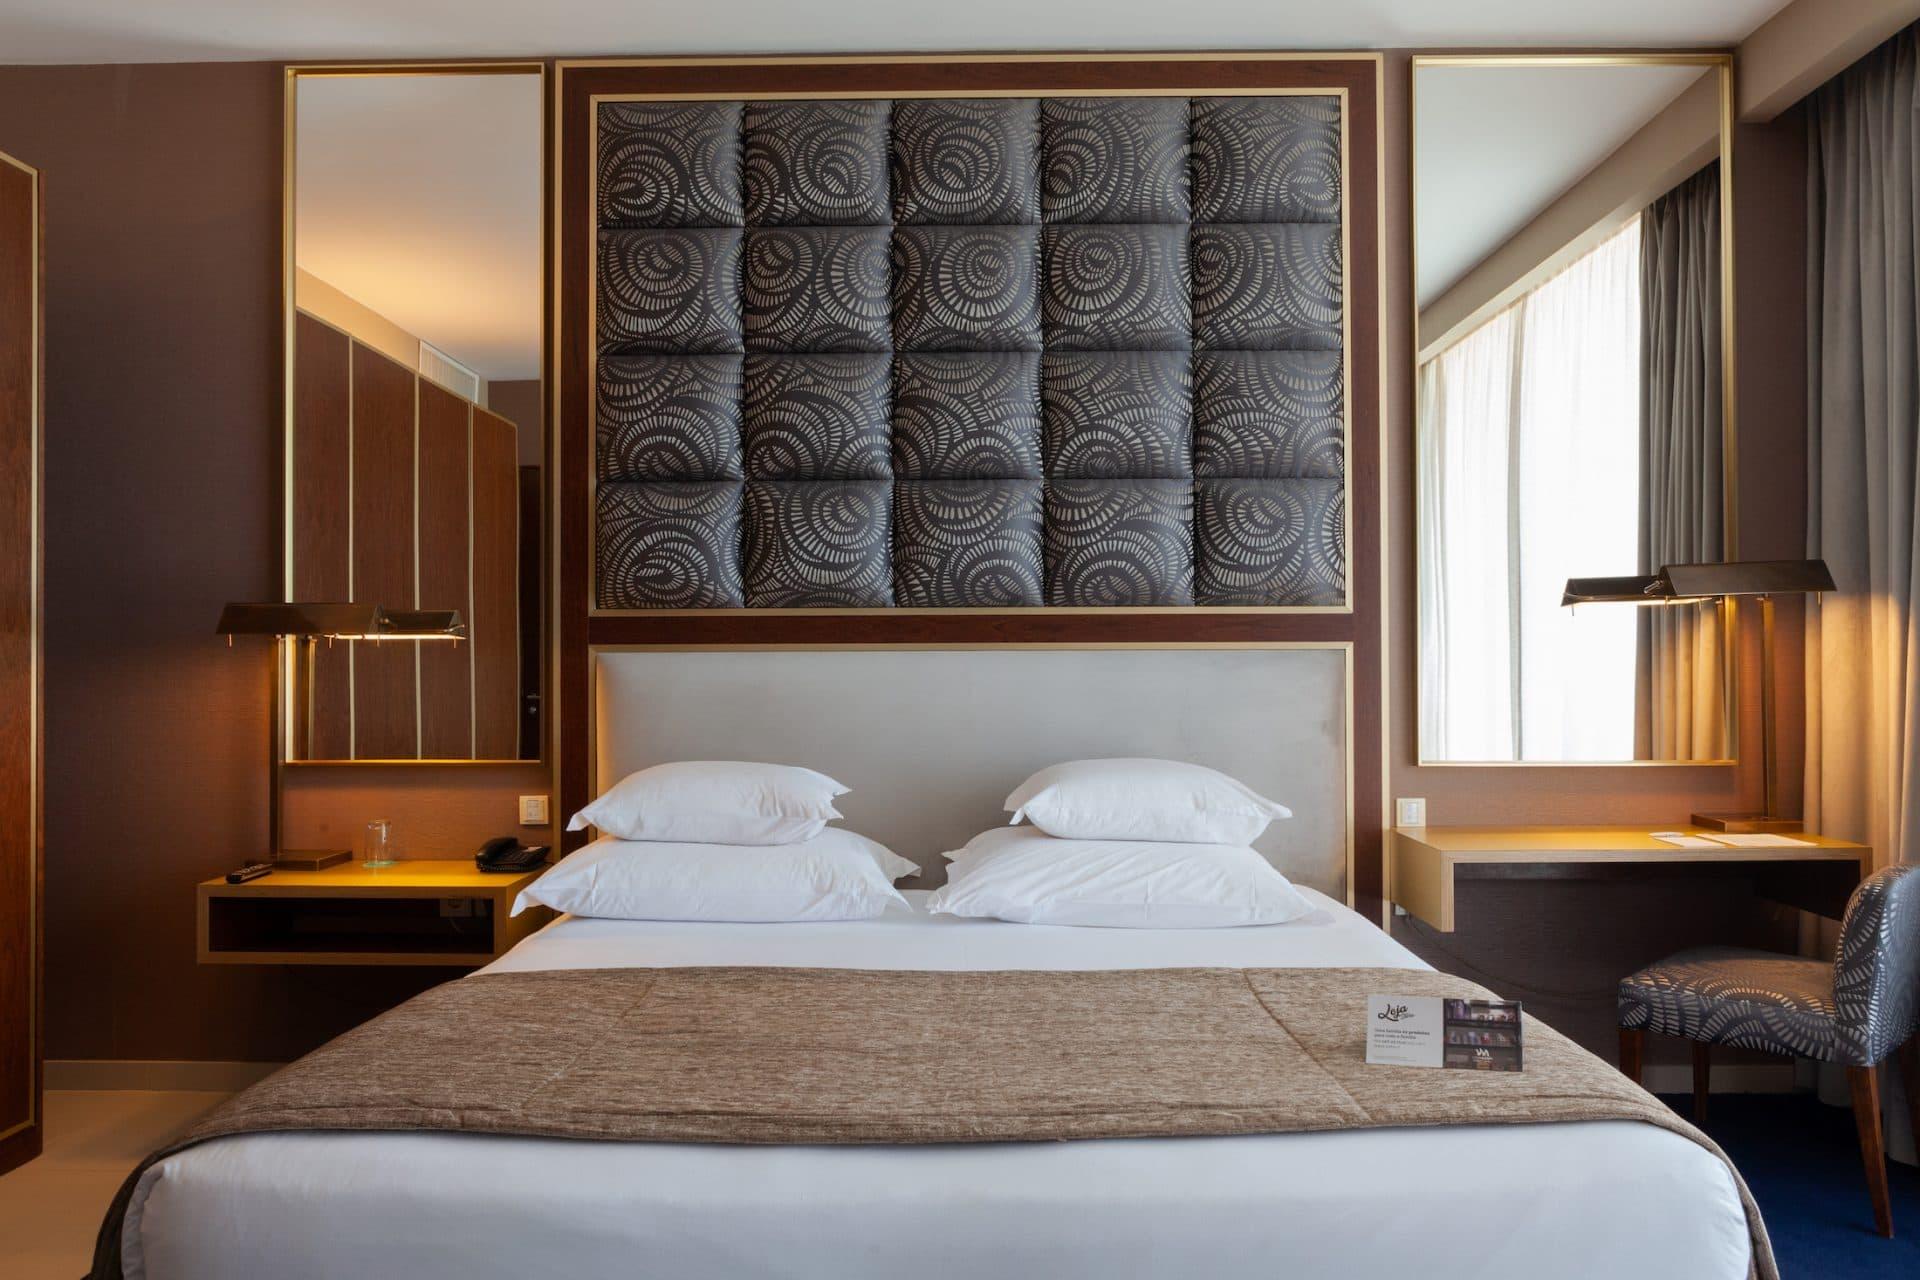 accommodation-premium-vidamar-hotels-resorts-algarve